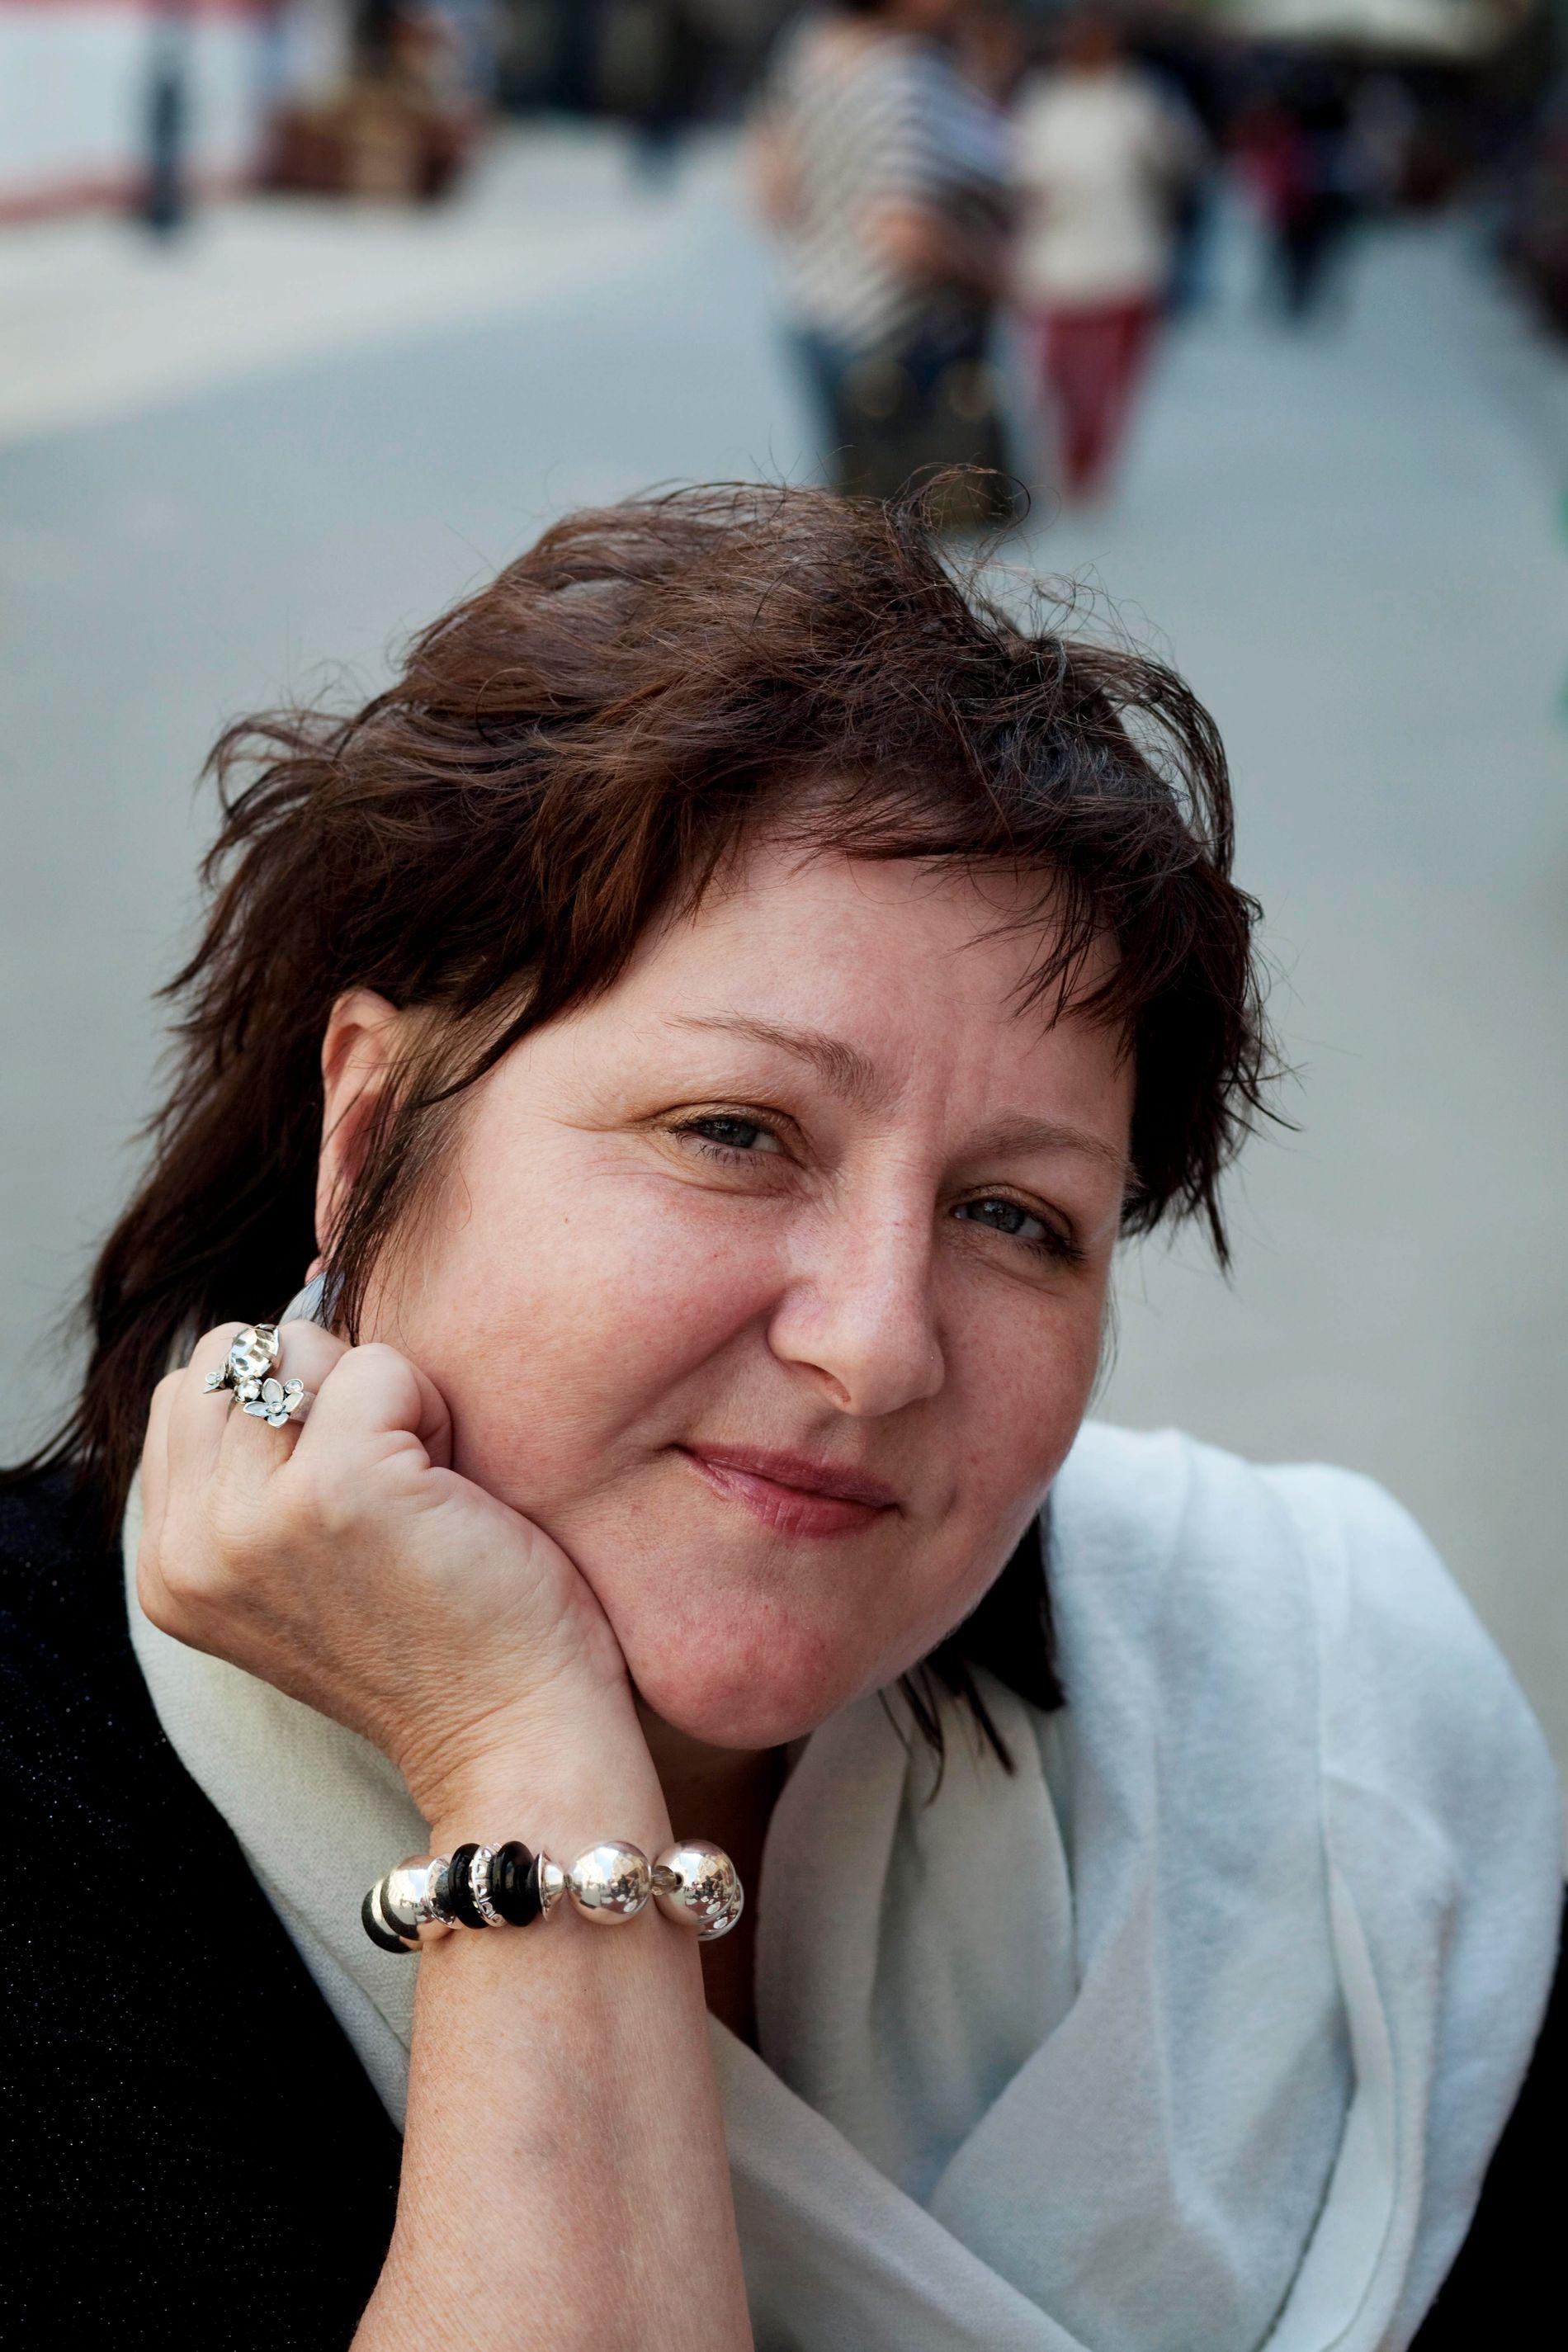 SPENNENDE SVAR: Anne B. Ragde mener forfattere må tåle å få motbær for sine ytringer.